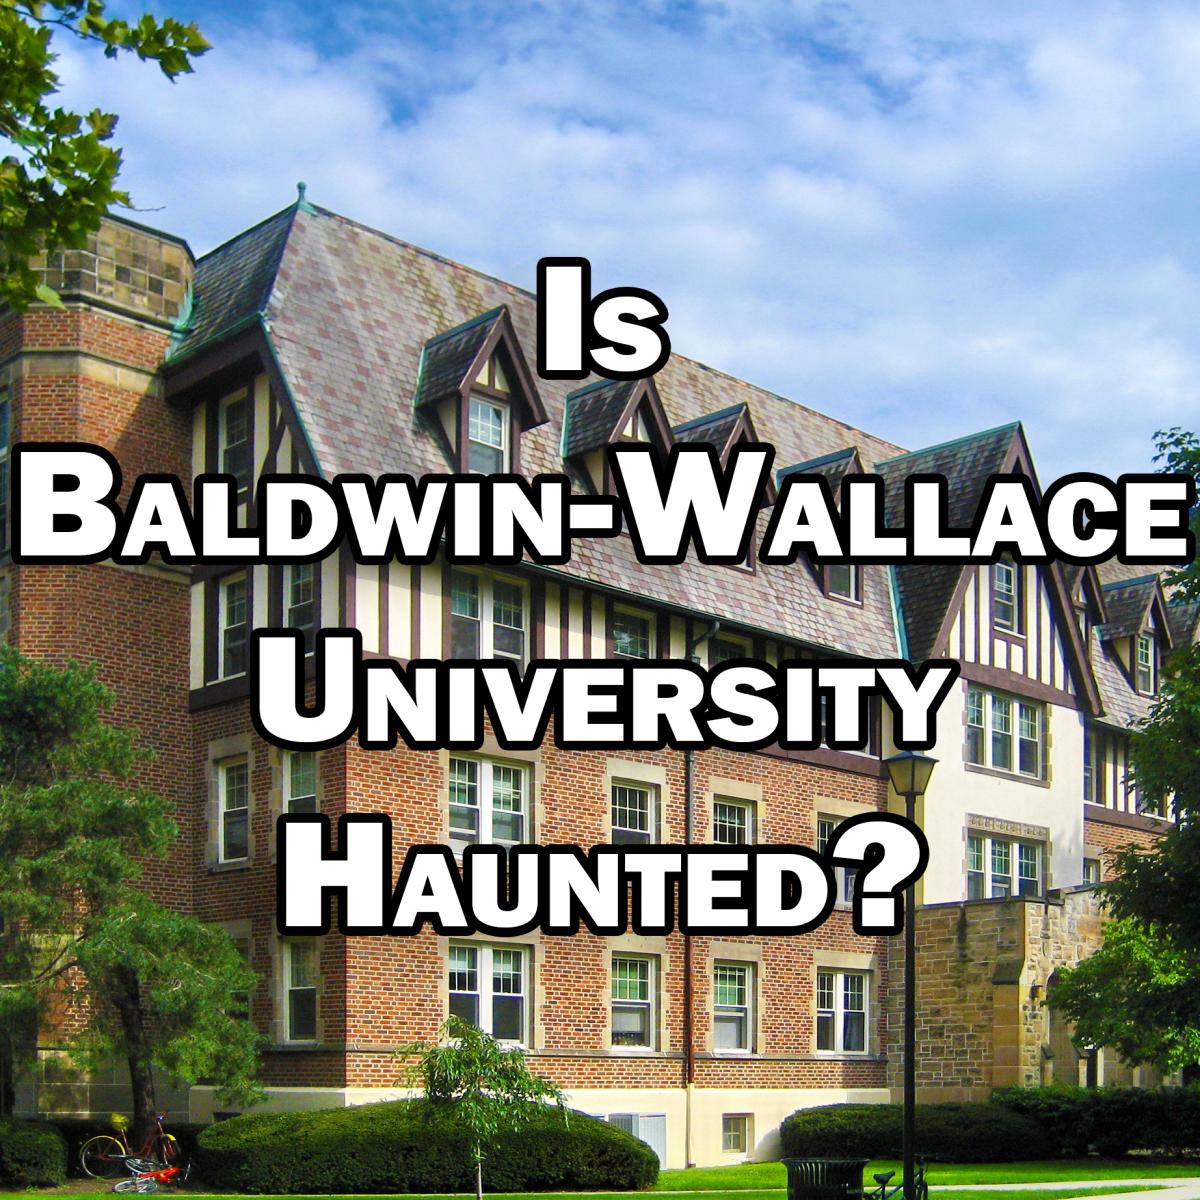 Is Baldwin-Wallace University Haunted?